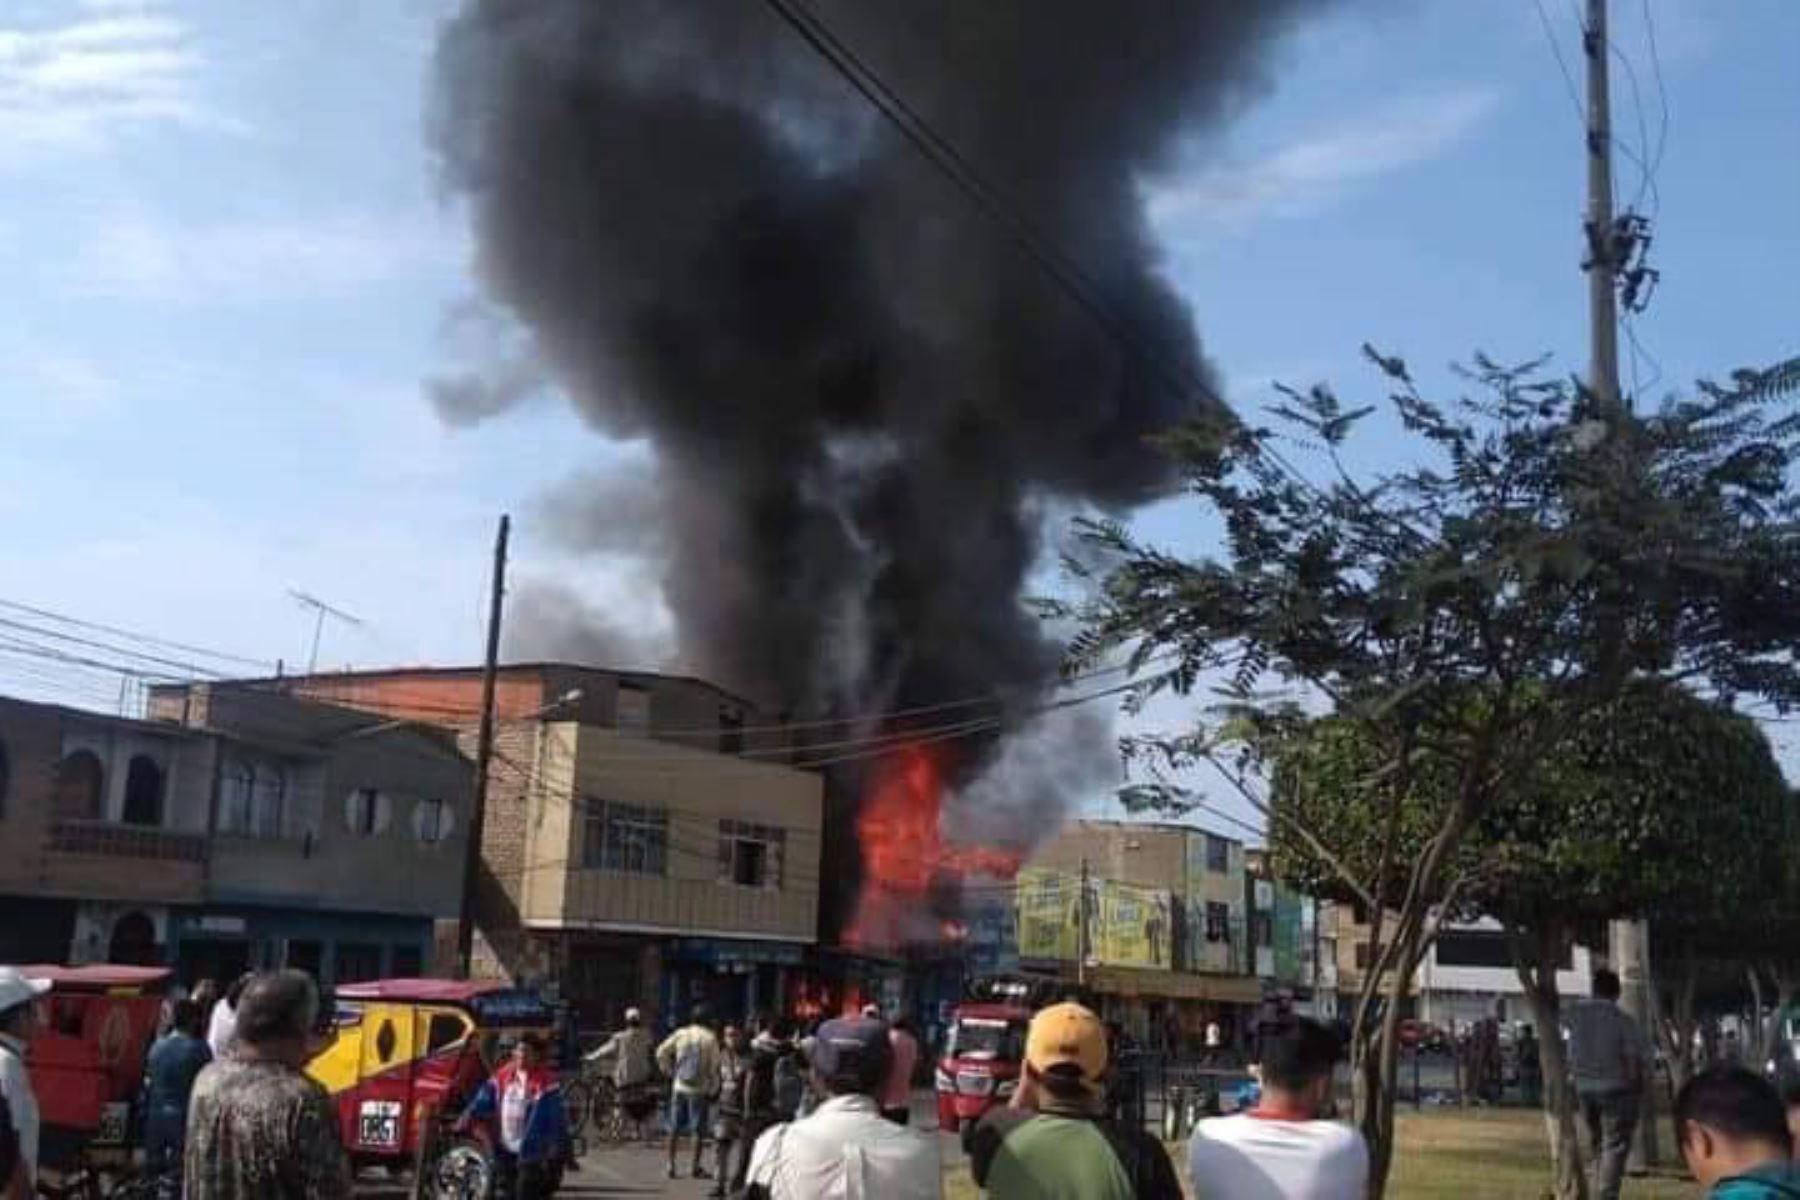 Incendio afecta decenas de puestos en mercado La Cachina, de Chimbote. Foto: Chimbote al Día/Facebook.